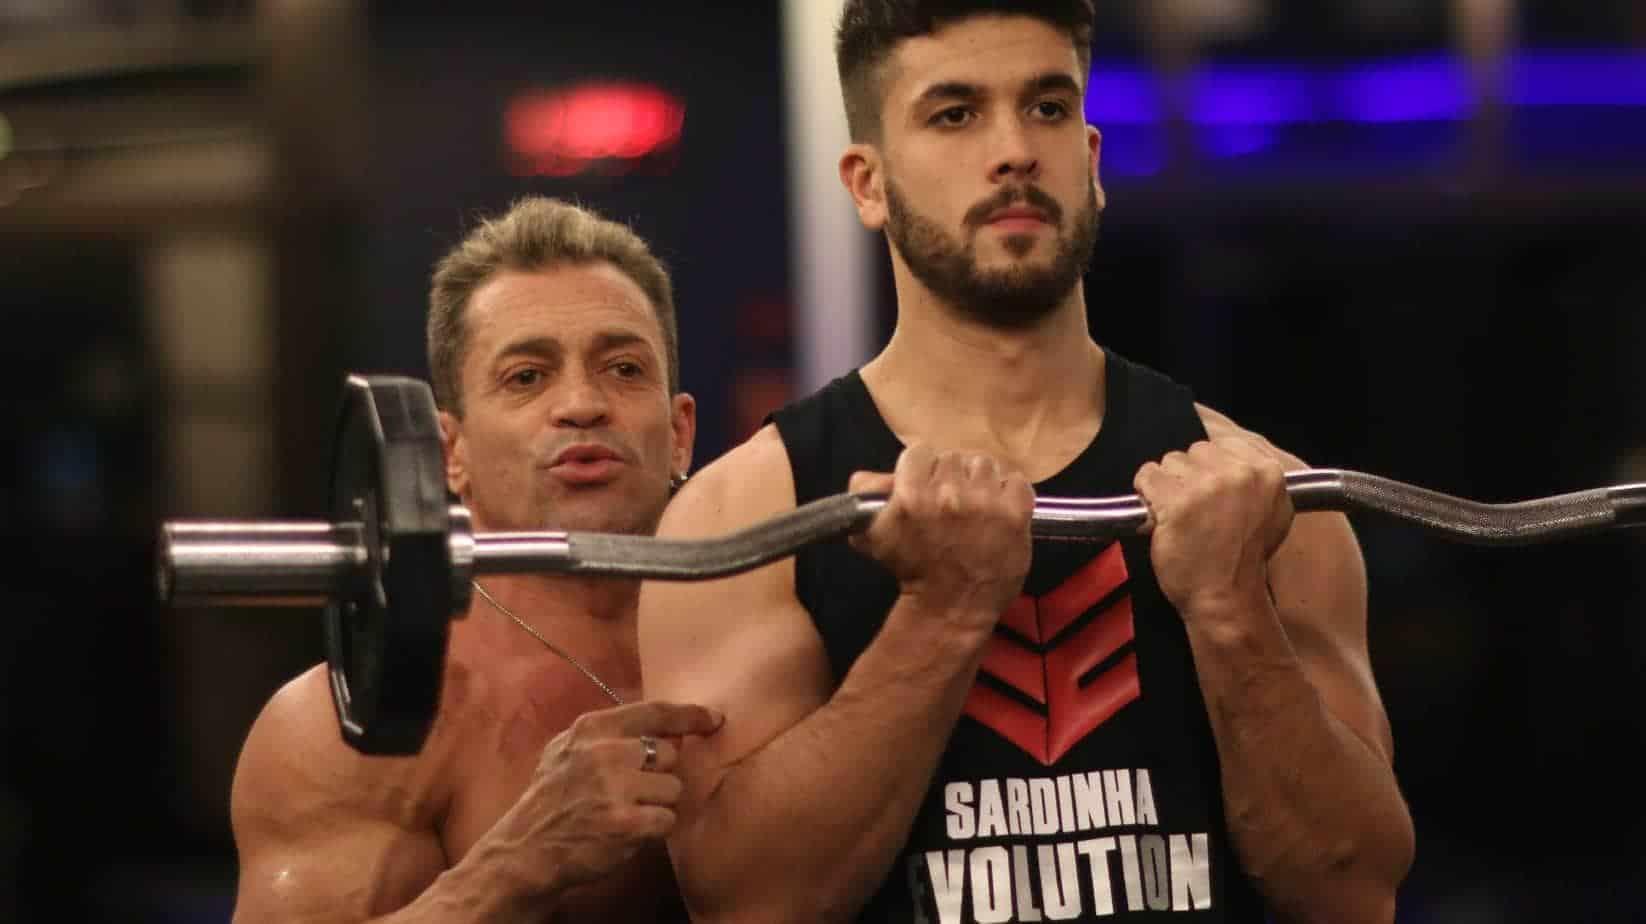 Sardinha Evolution e os benefícios para quem Busca Ganho de Massa Muscular